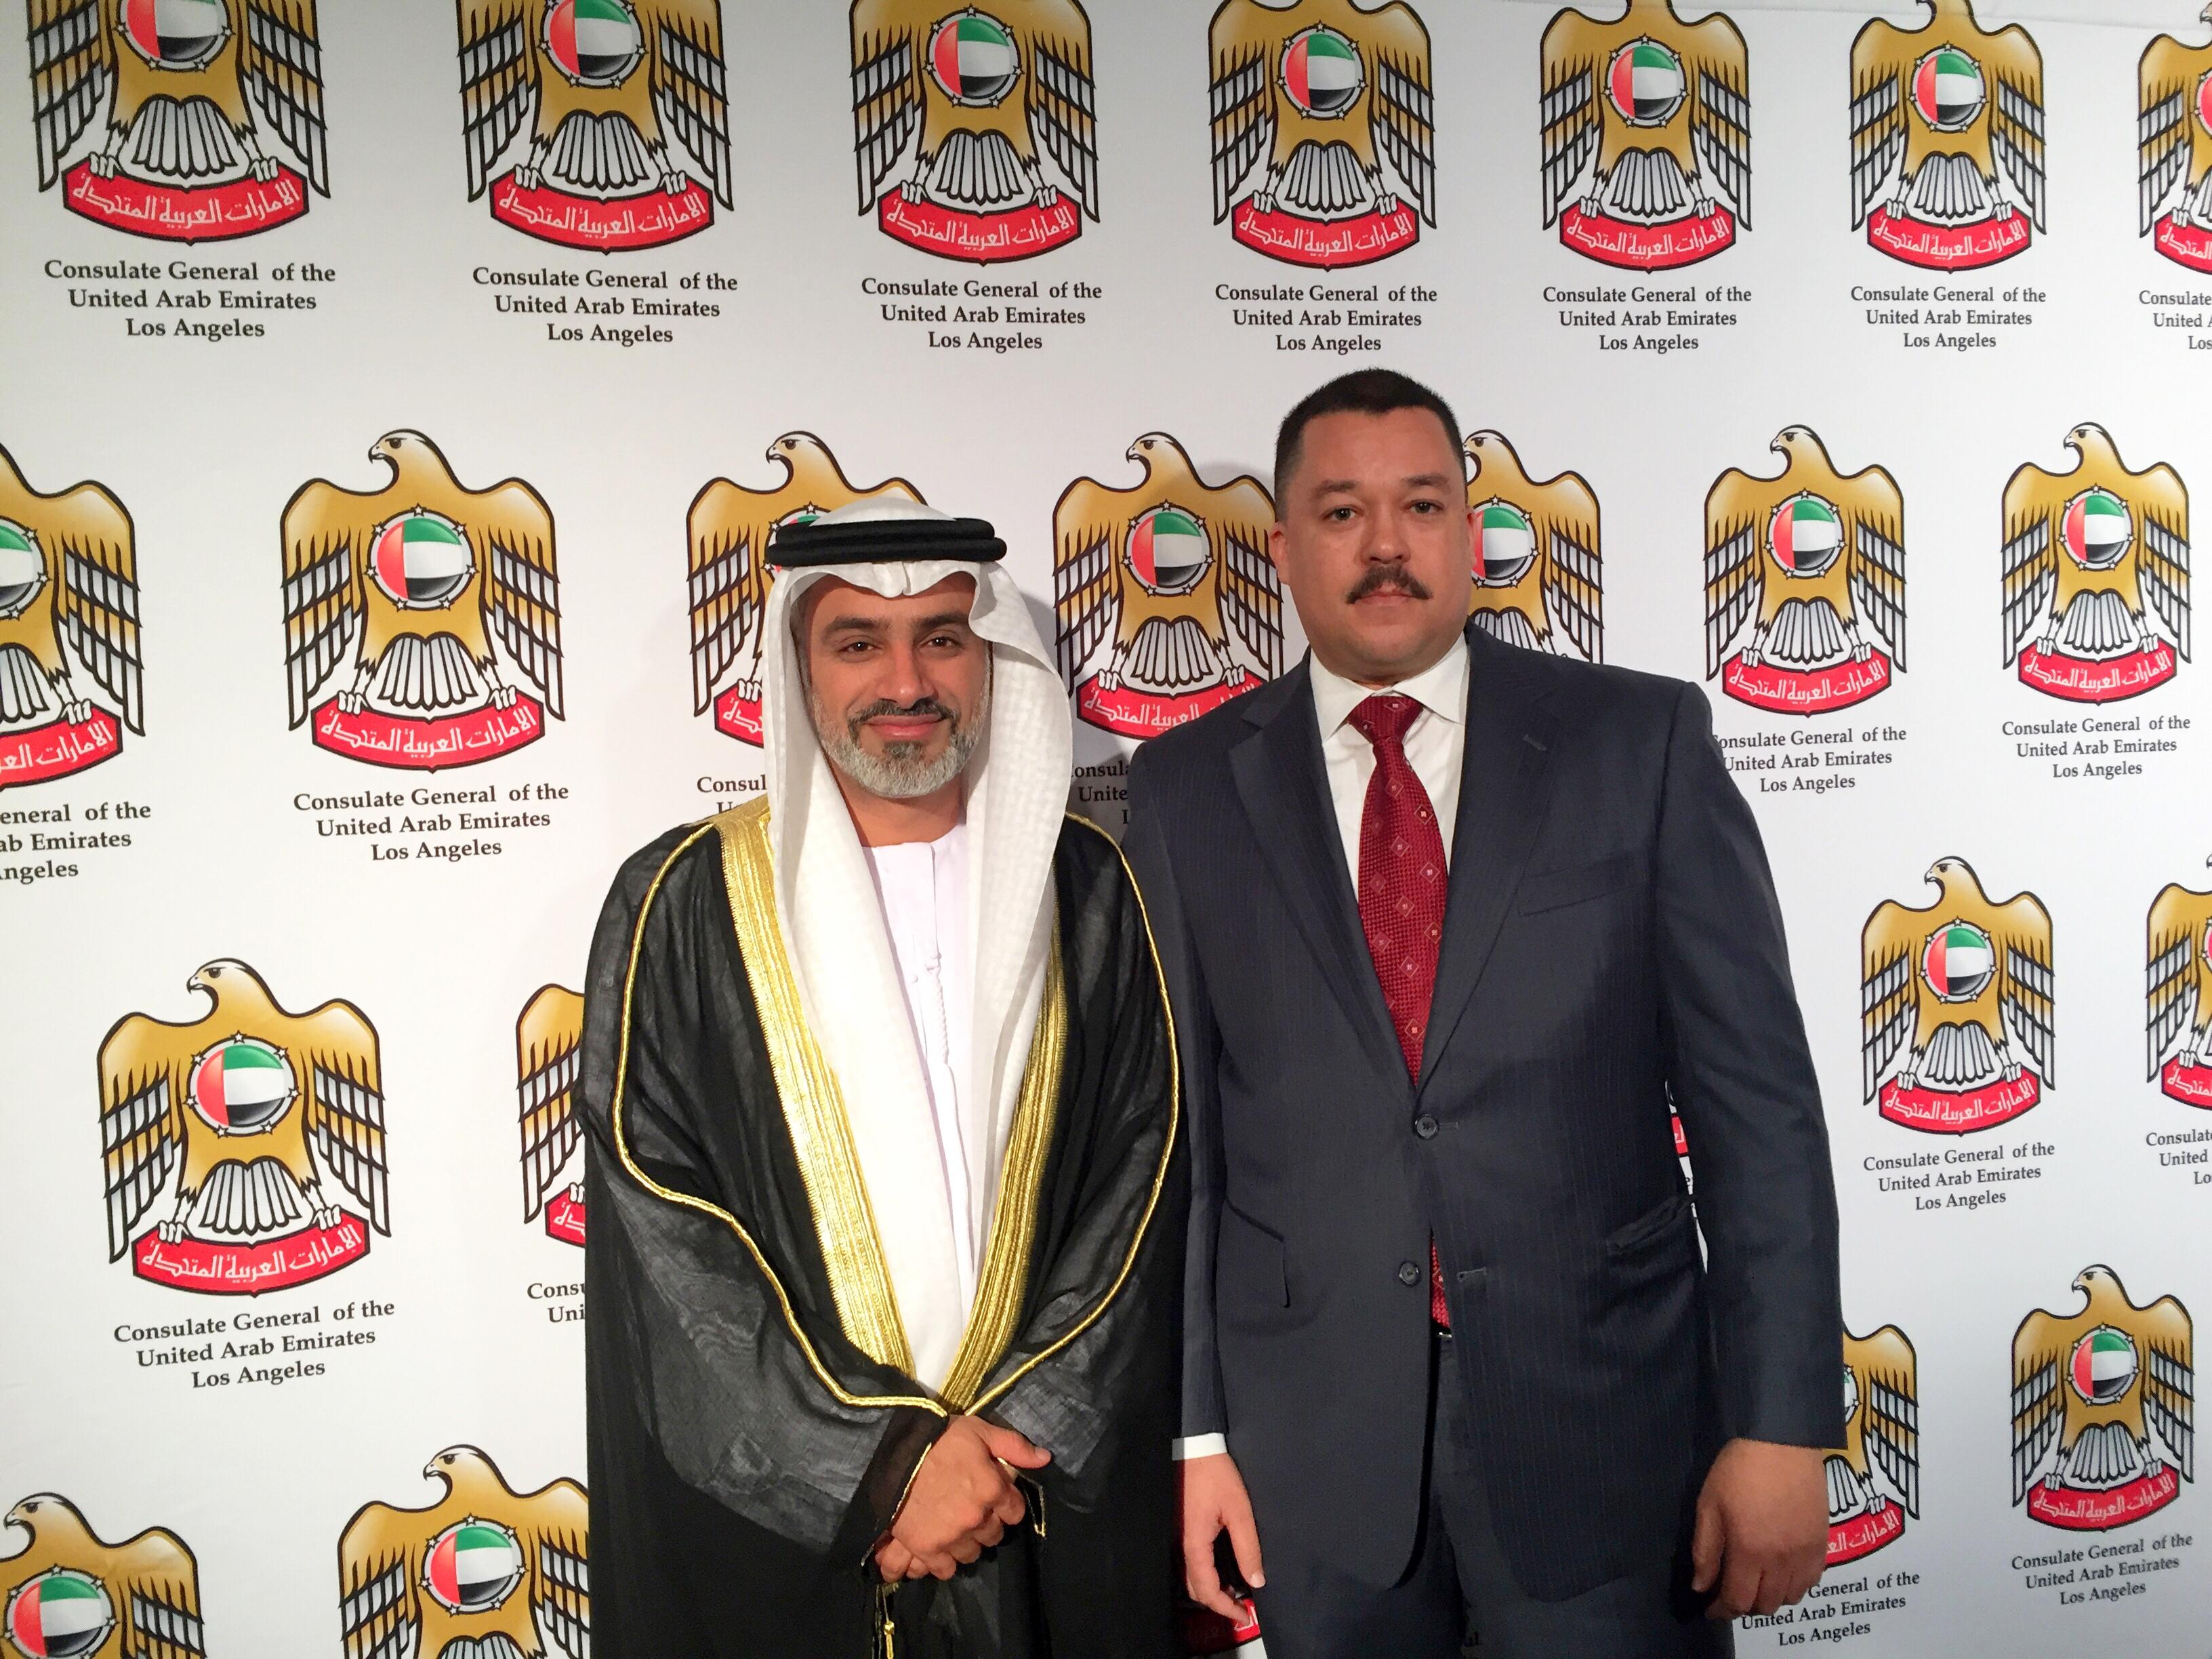 44th UAE National Day Celebration